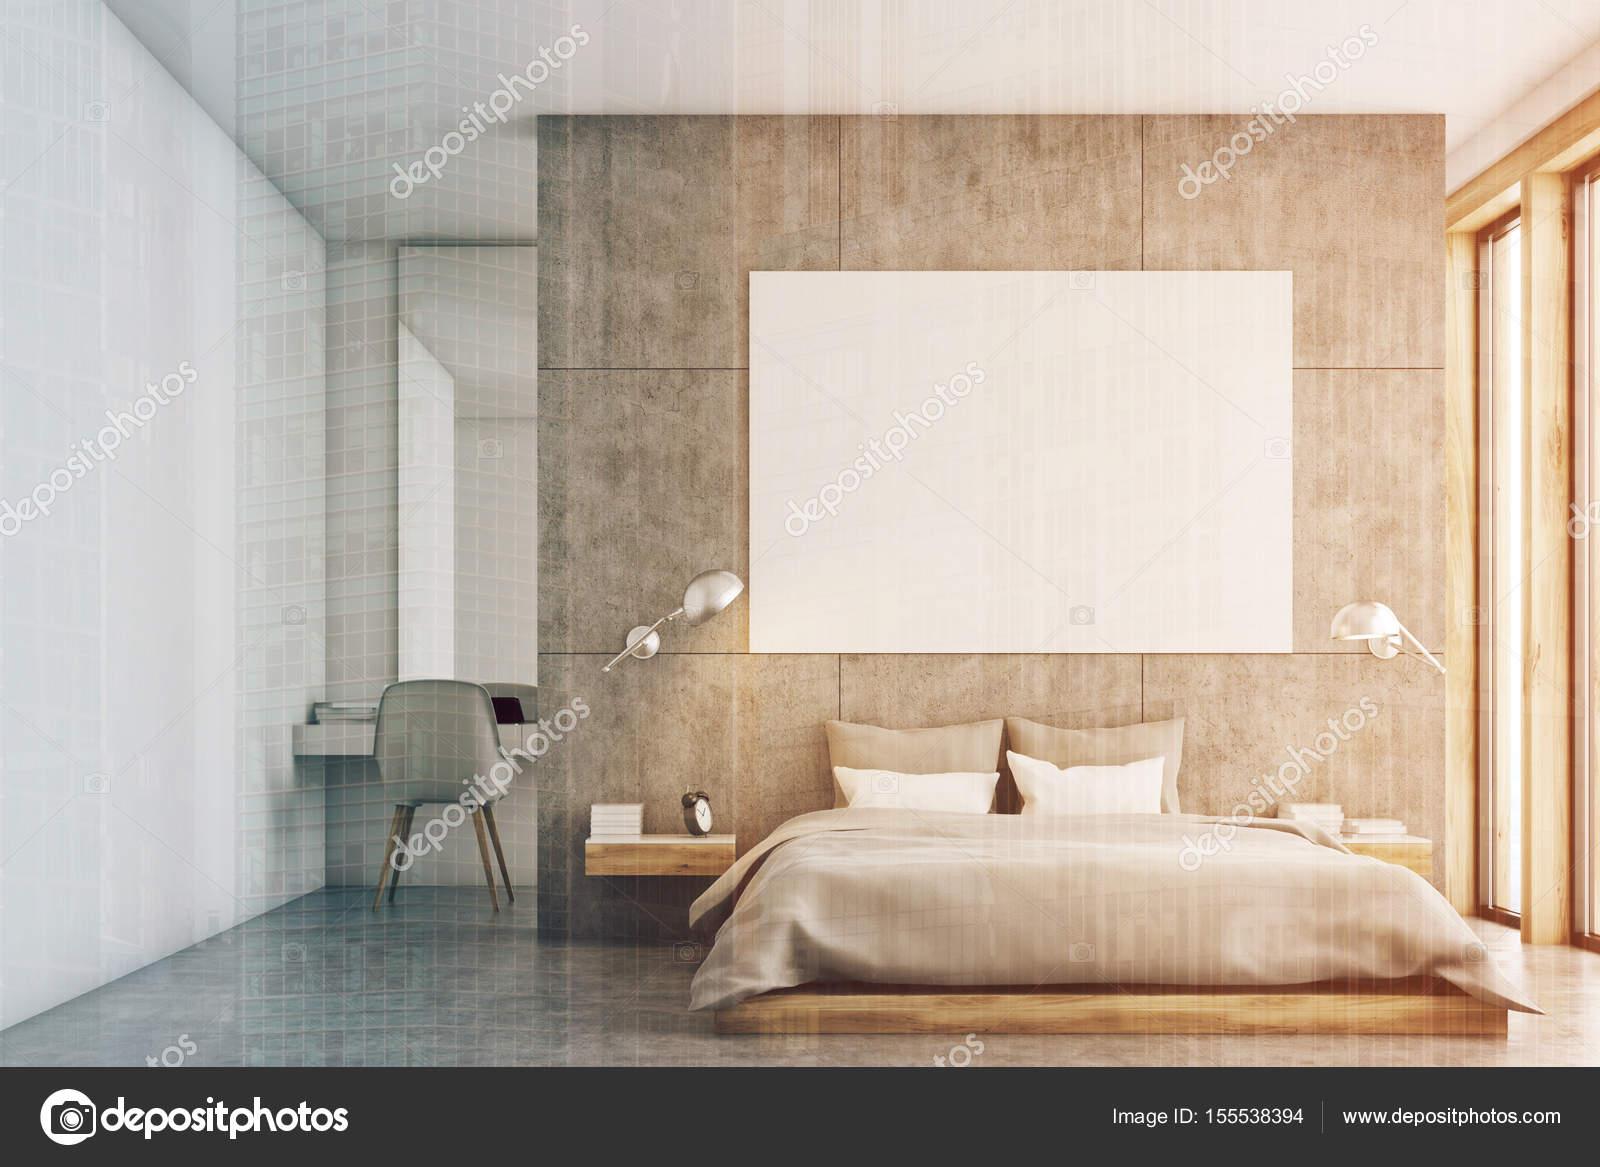 Camera da letto grigio con poster e studio tonica foto for Camera letto e studio